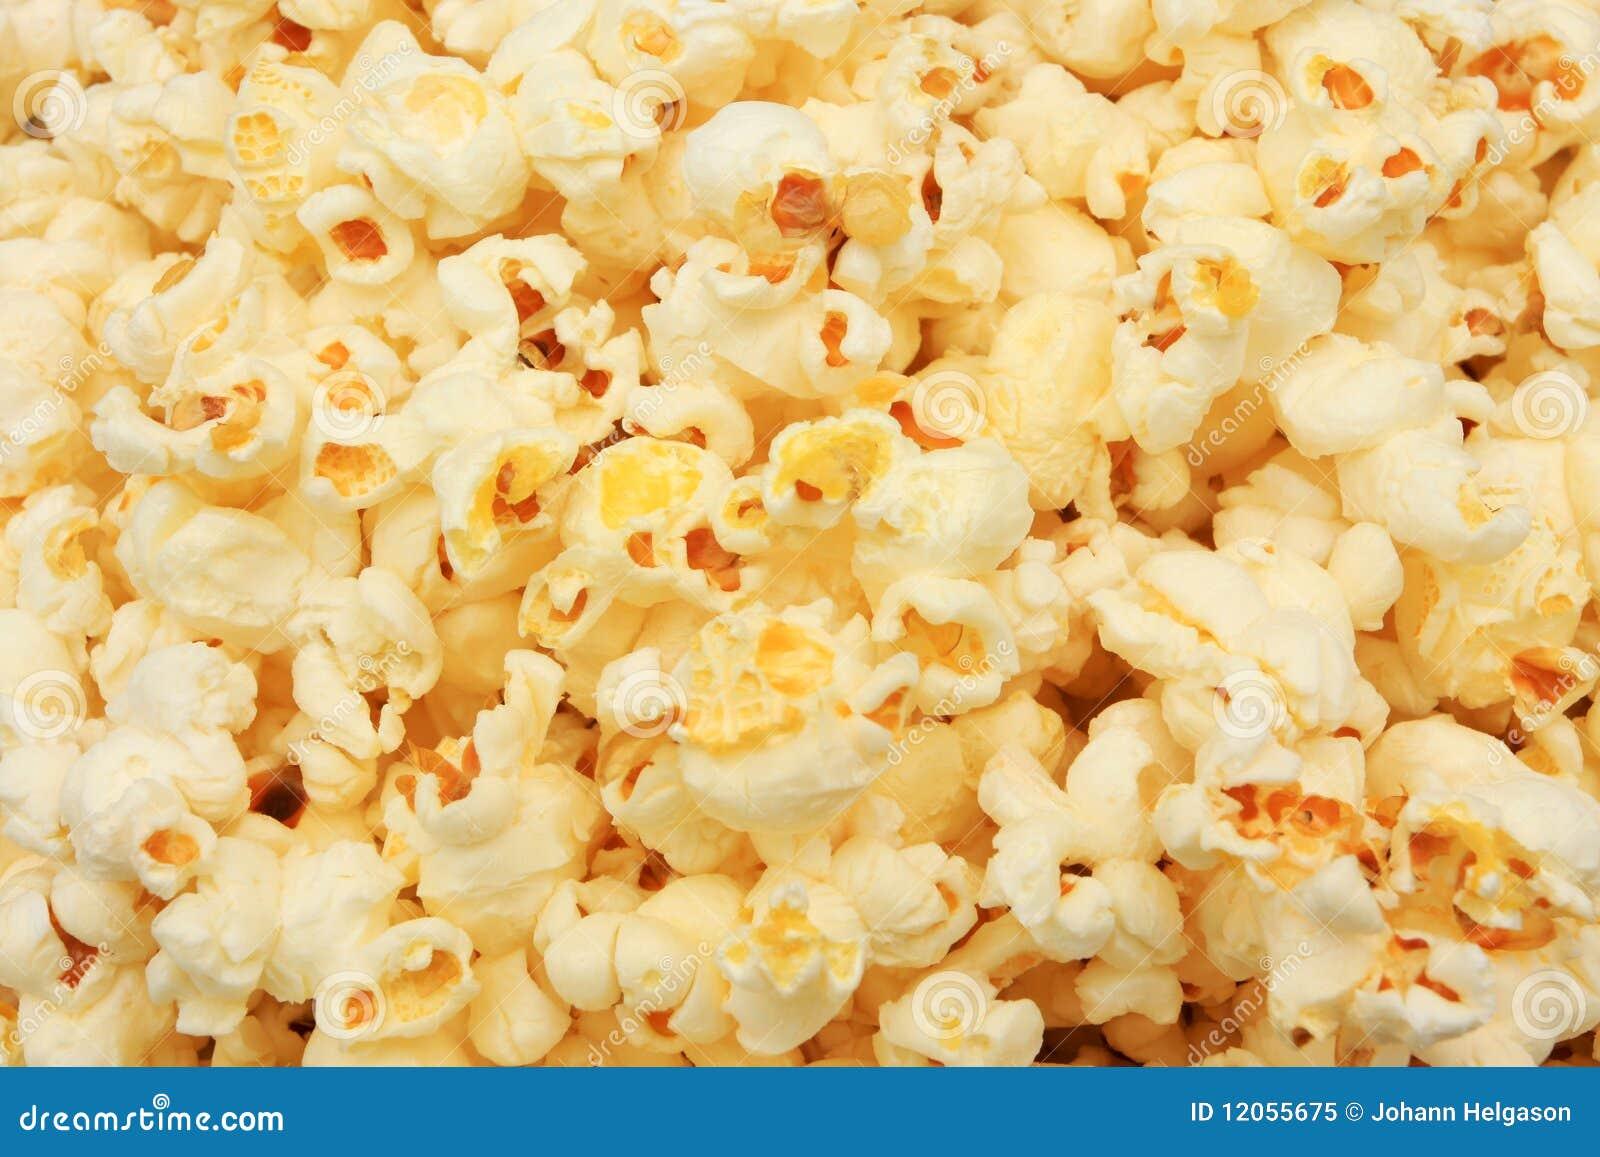 Popcorn background royalty free stock photo image 12055675